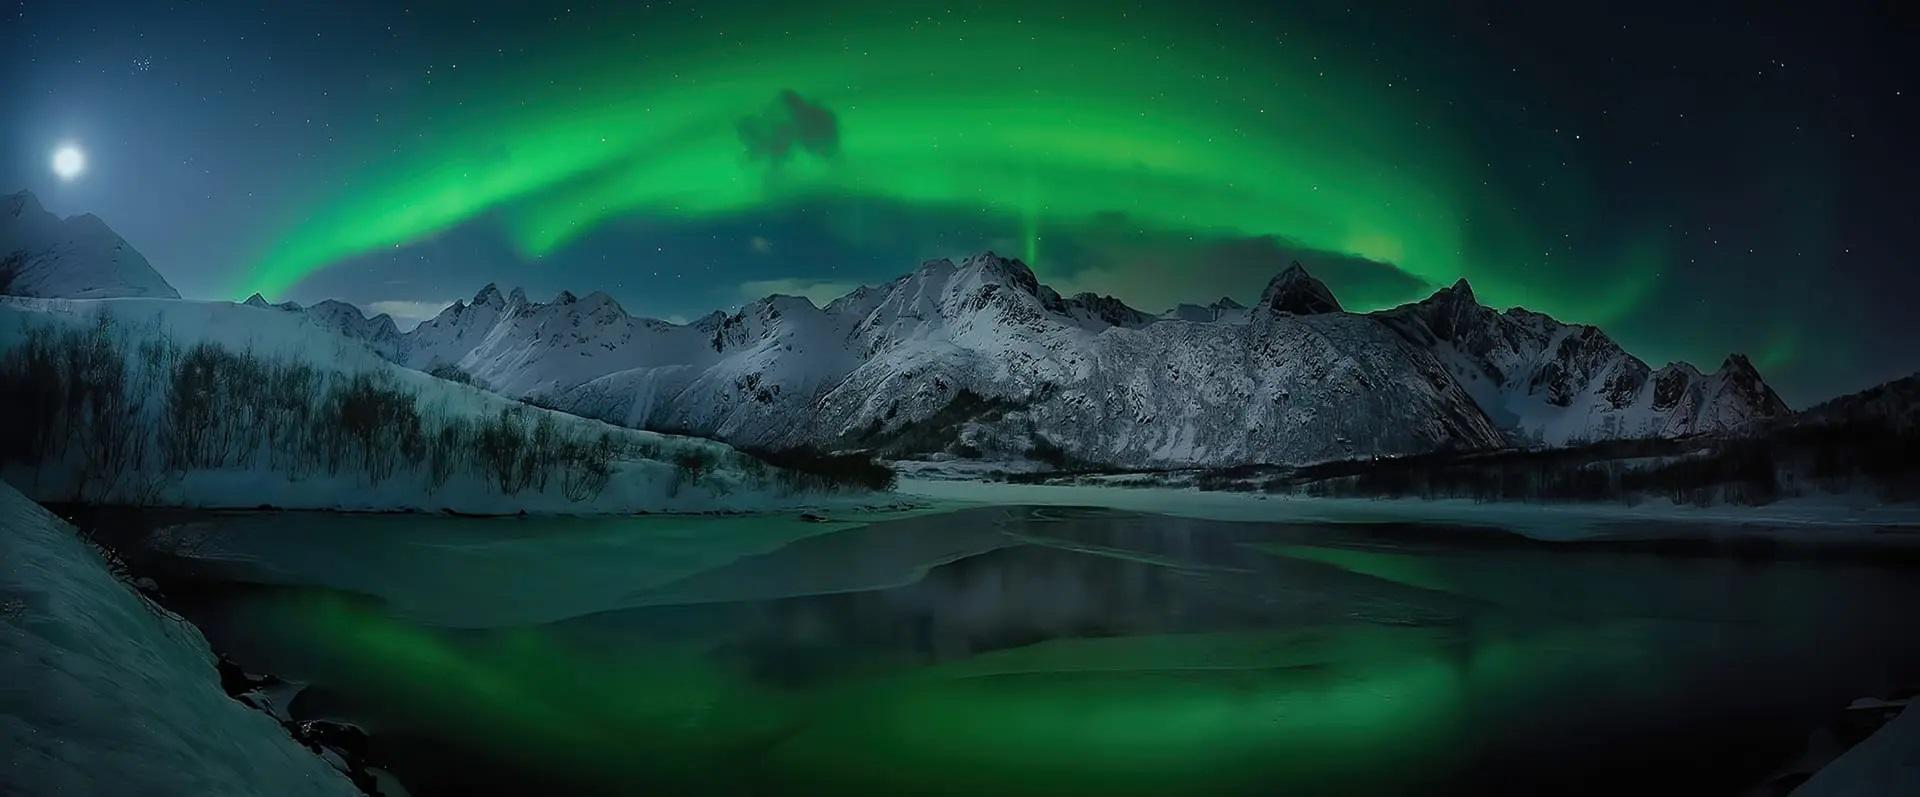 северное сияние полярное сияние 2020